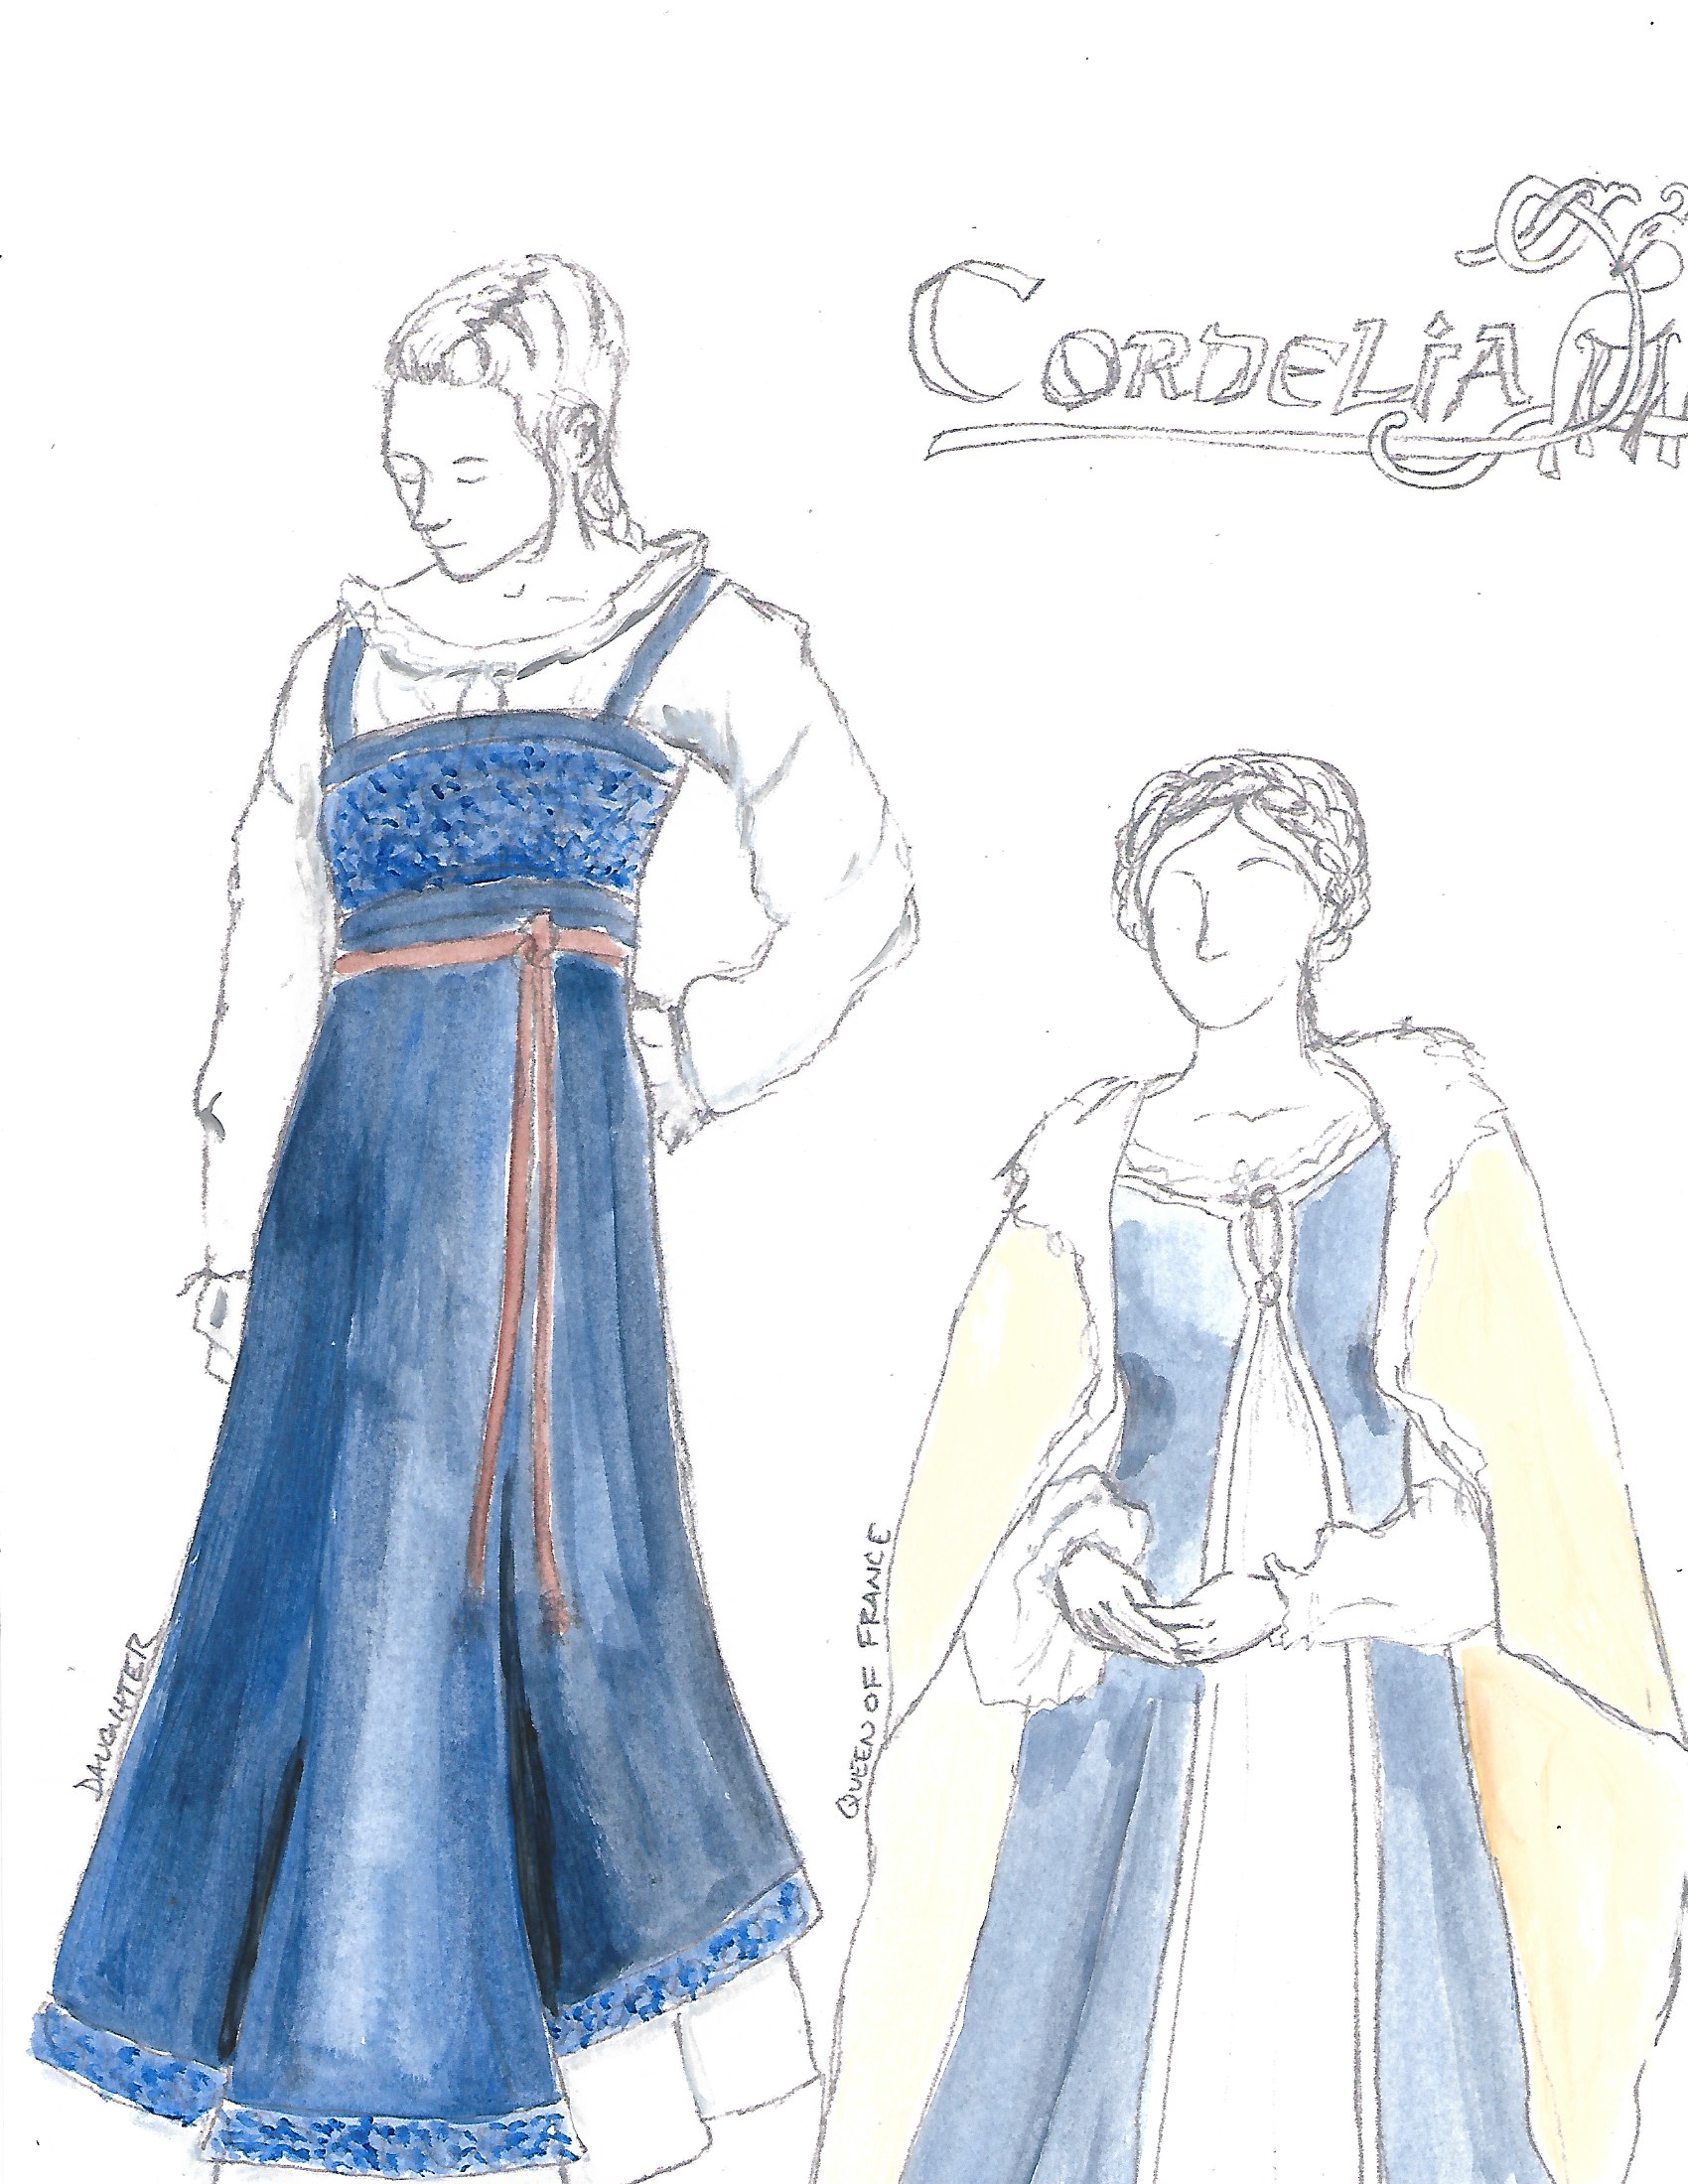 CordeliaColor